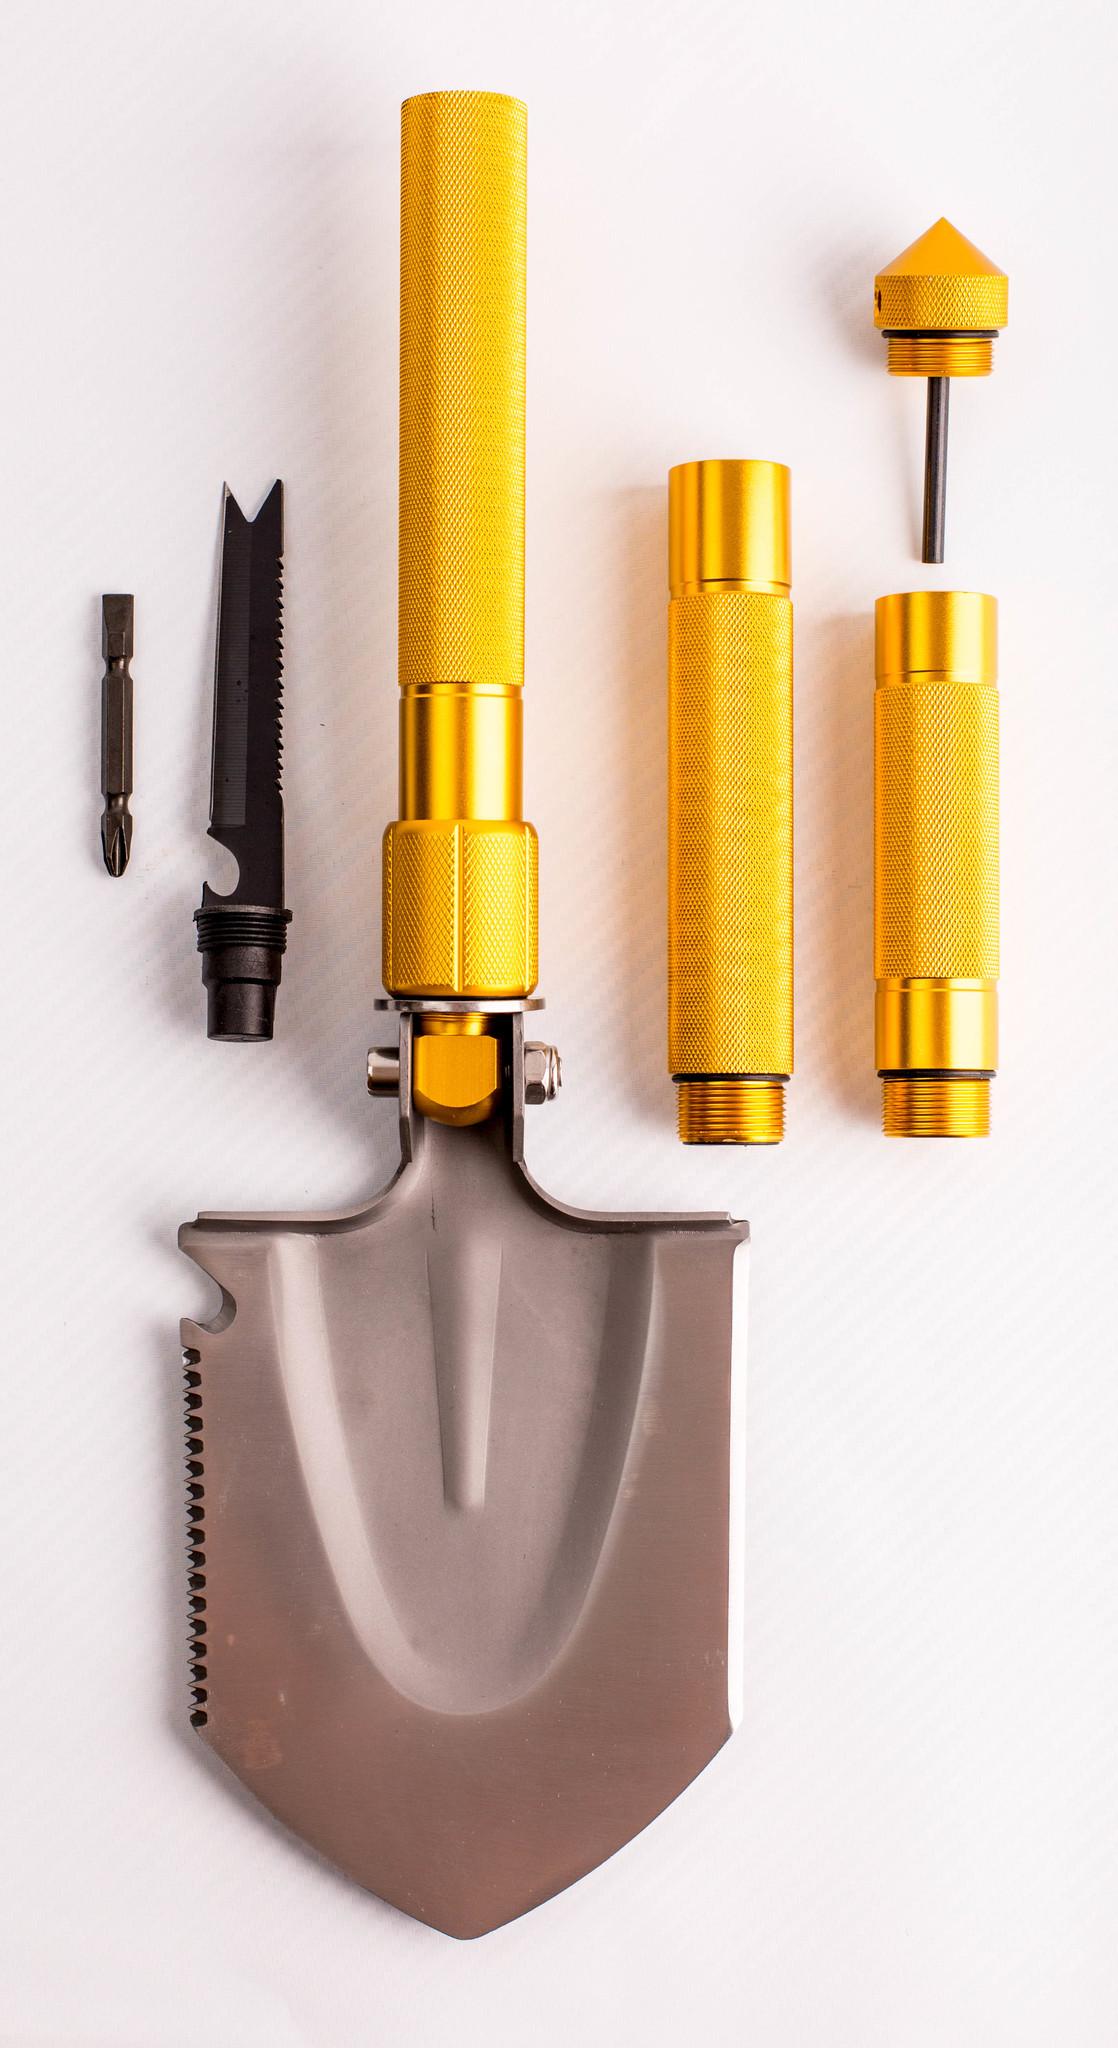 Многофункциональная лопата, золотистая рукоятка от Noname